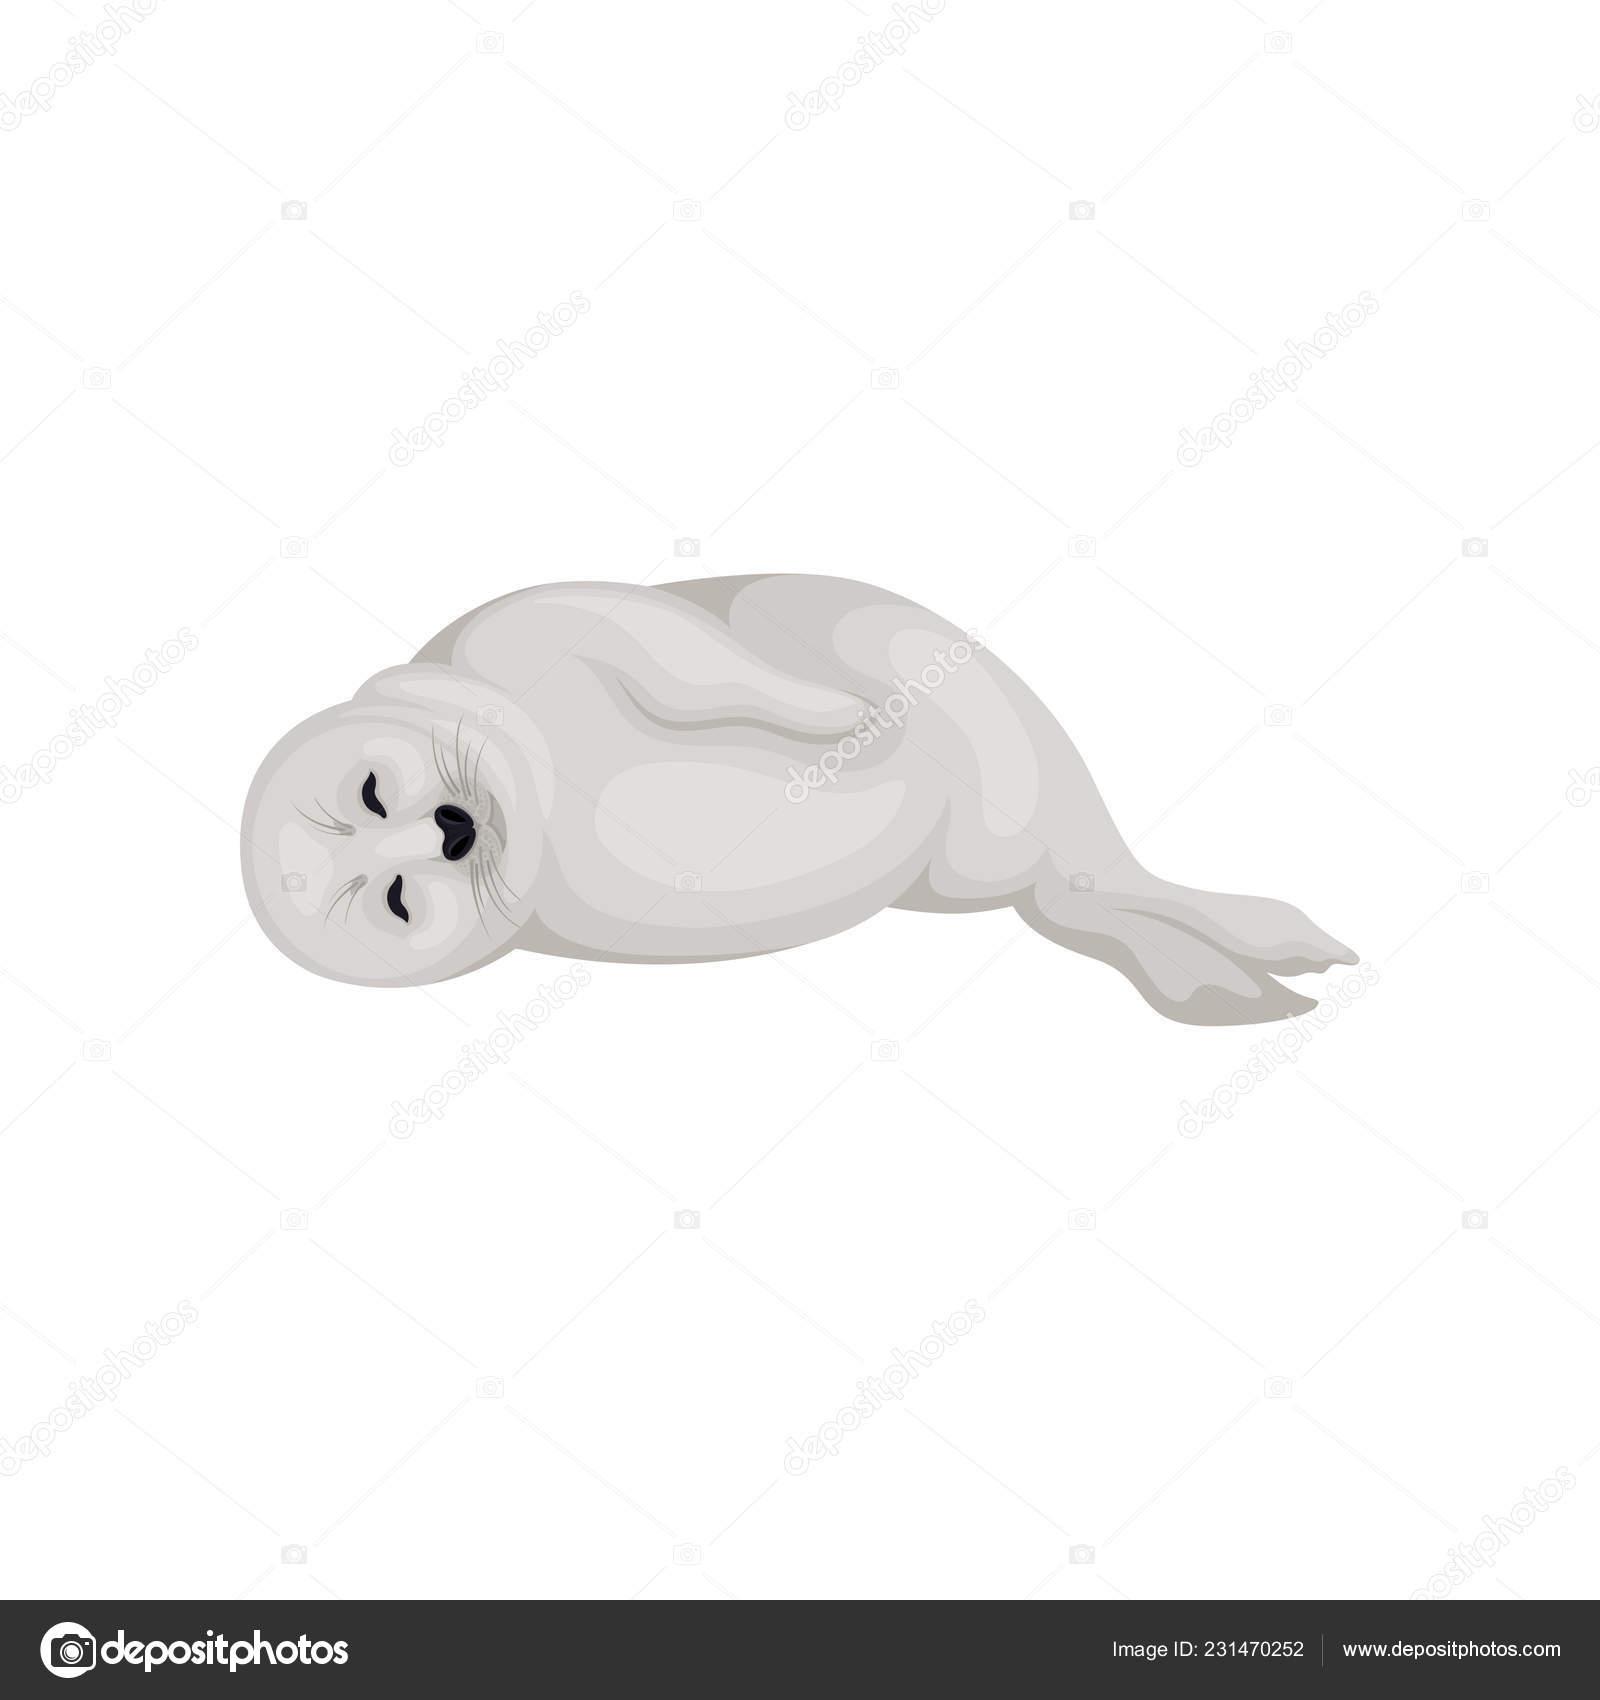 Vettore di foche animali cucciolo di foca sdraiato su un lato